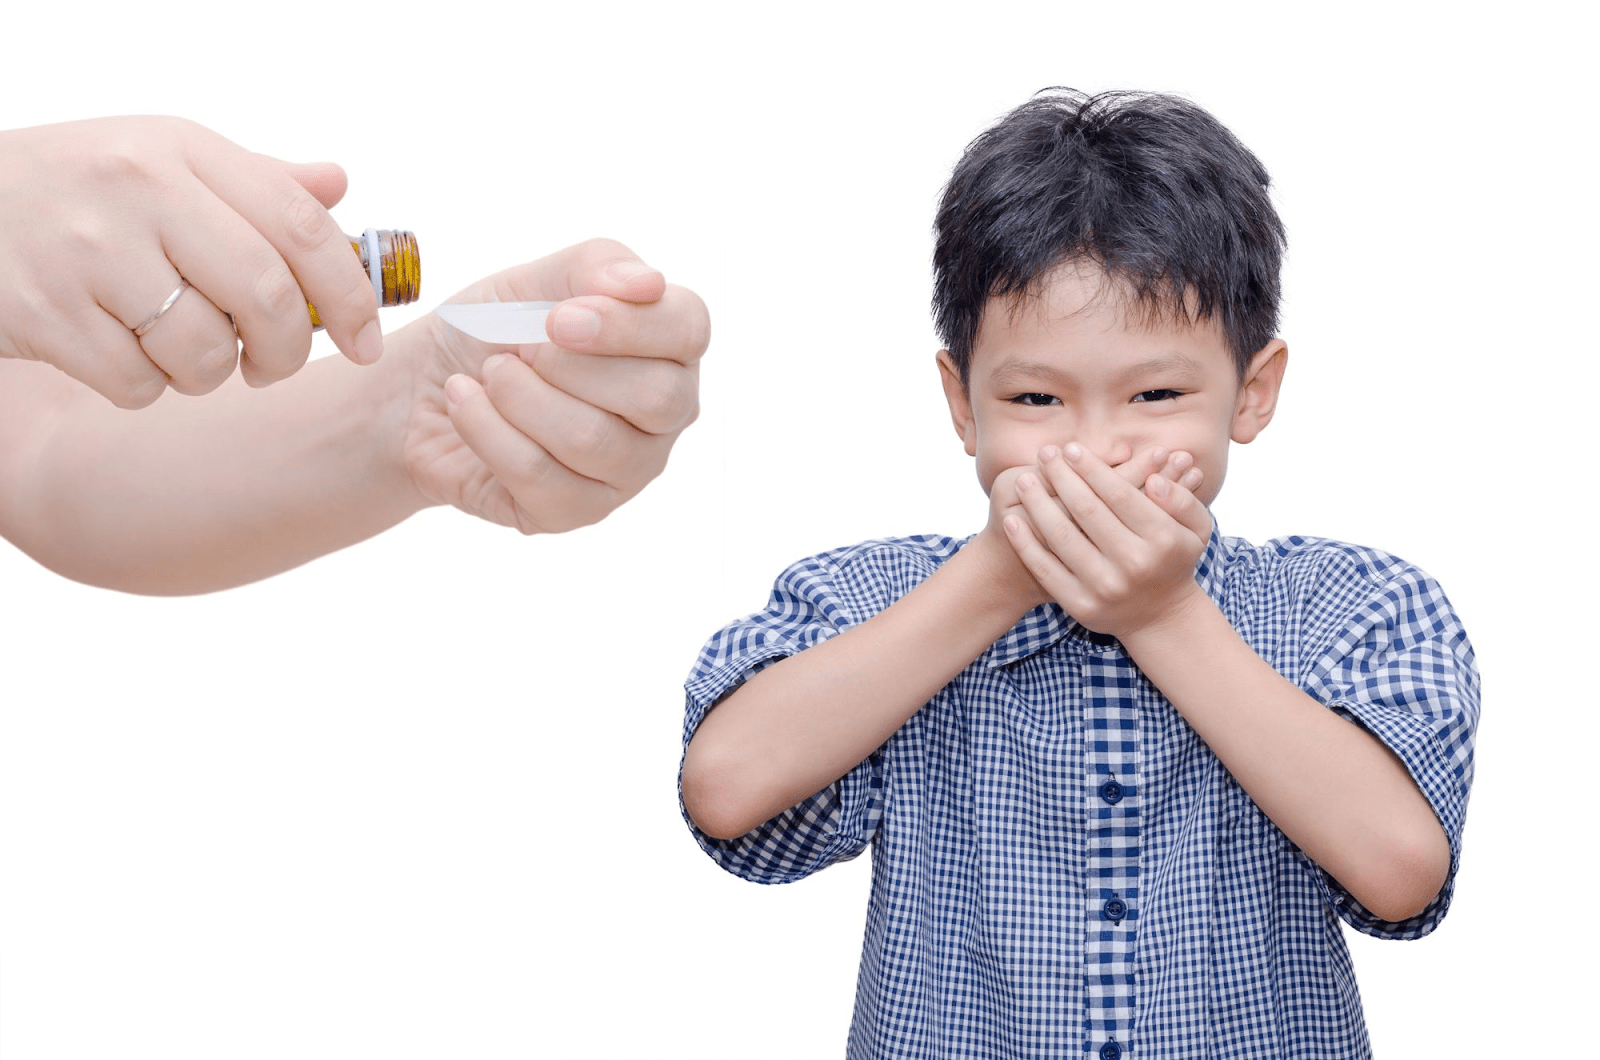 cho trẻ uống thuốc hạ sốt đúng cách